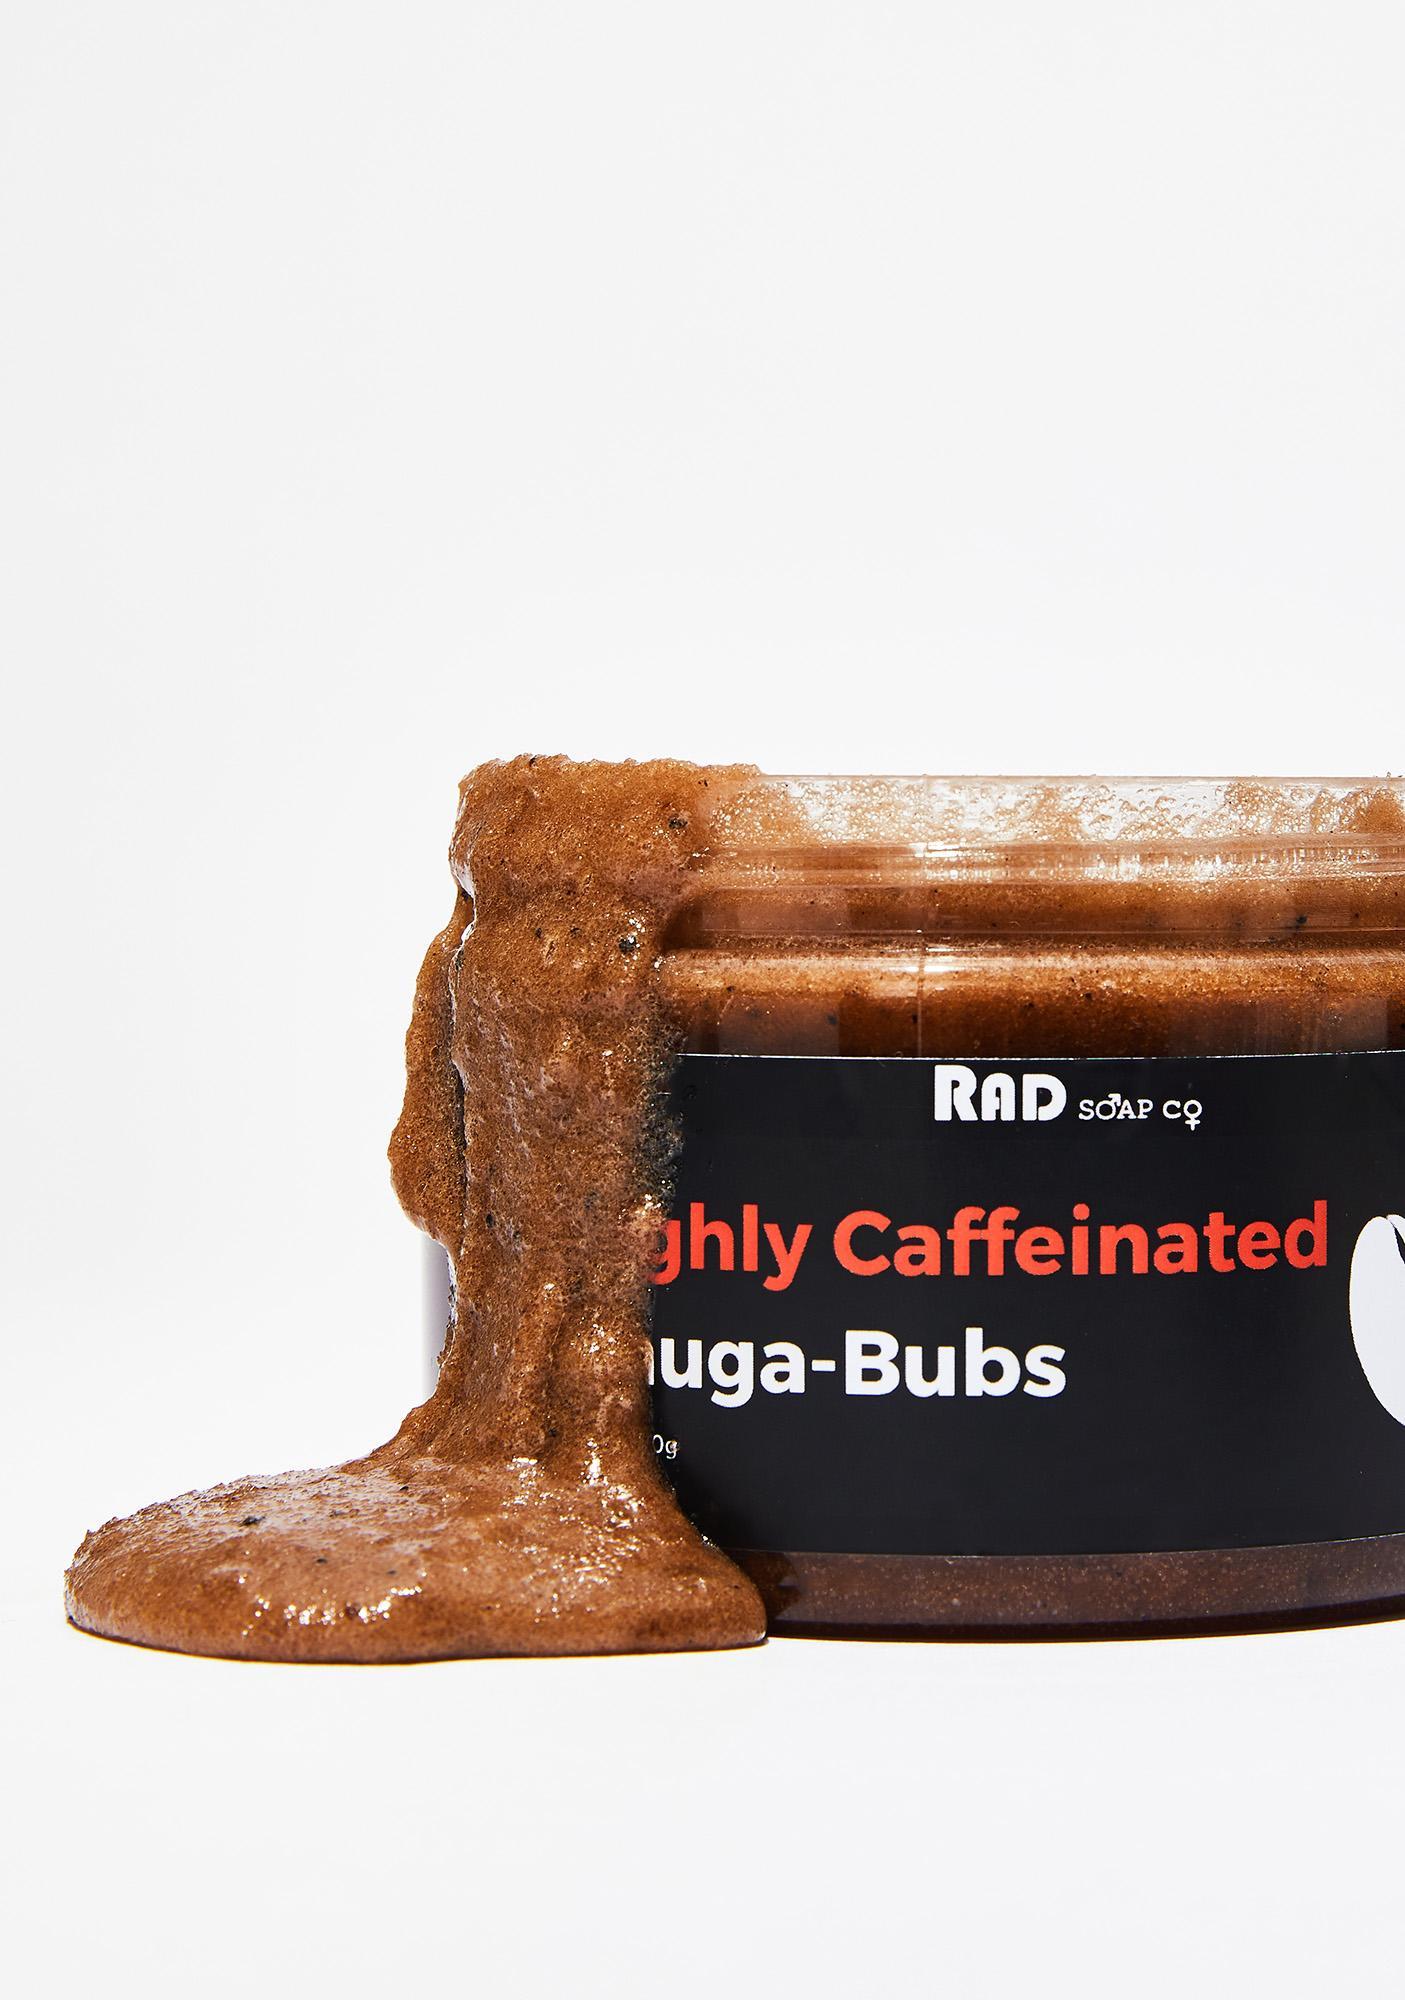 Rad Soap Co. Deathwish Coffee Grind And Sugar Scrub